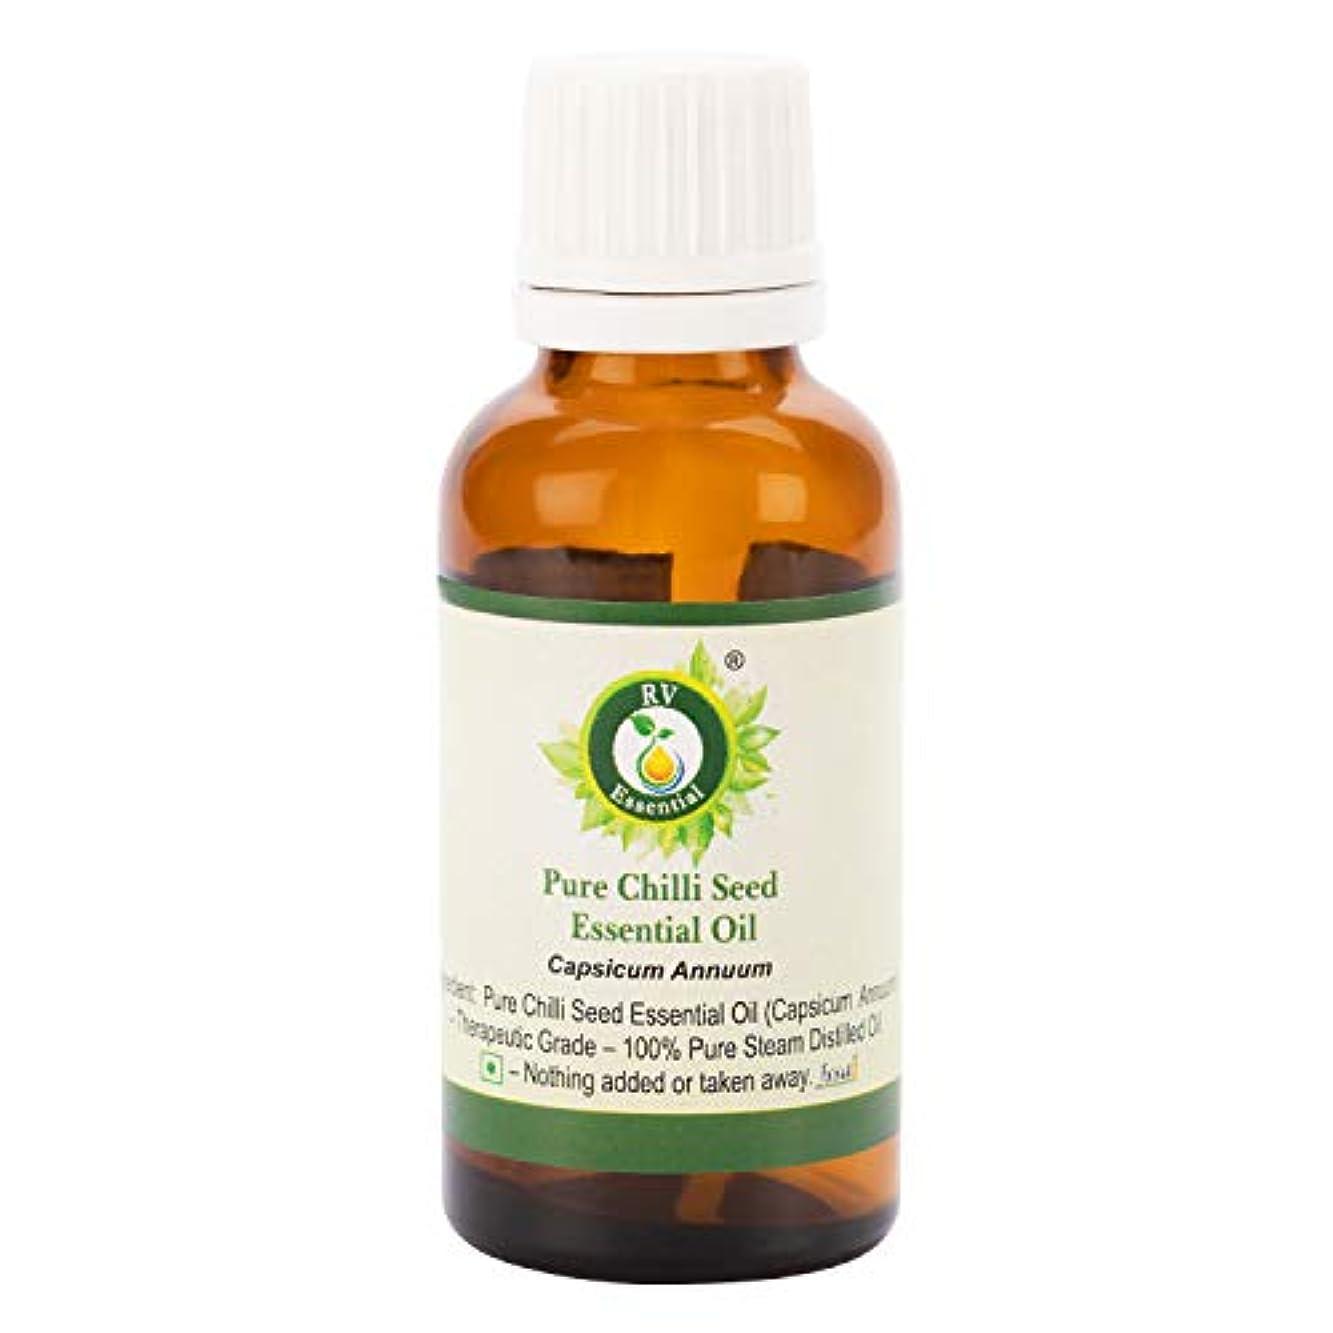 小麦タウポ湖解明するピュアチリシードエッセンシャルオイル100ml (3.38oz)- Capsicum Annuum (100%純粋&天然スチームDistilled) Pure Chilli Seed Essential Oil